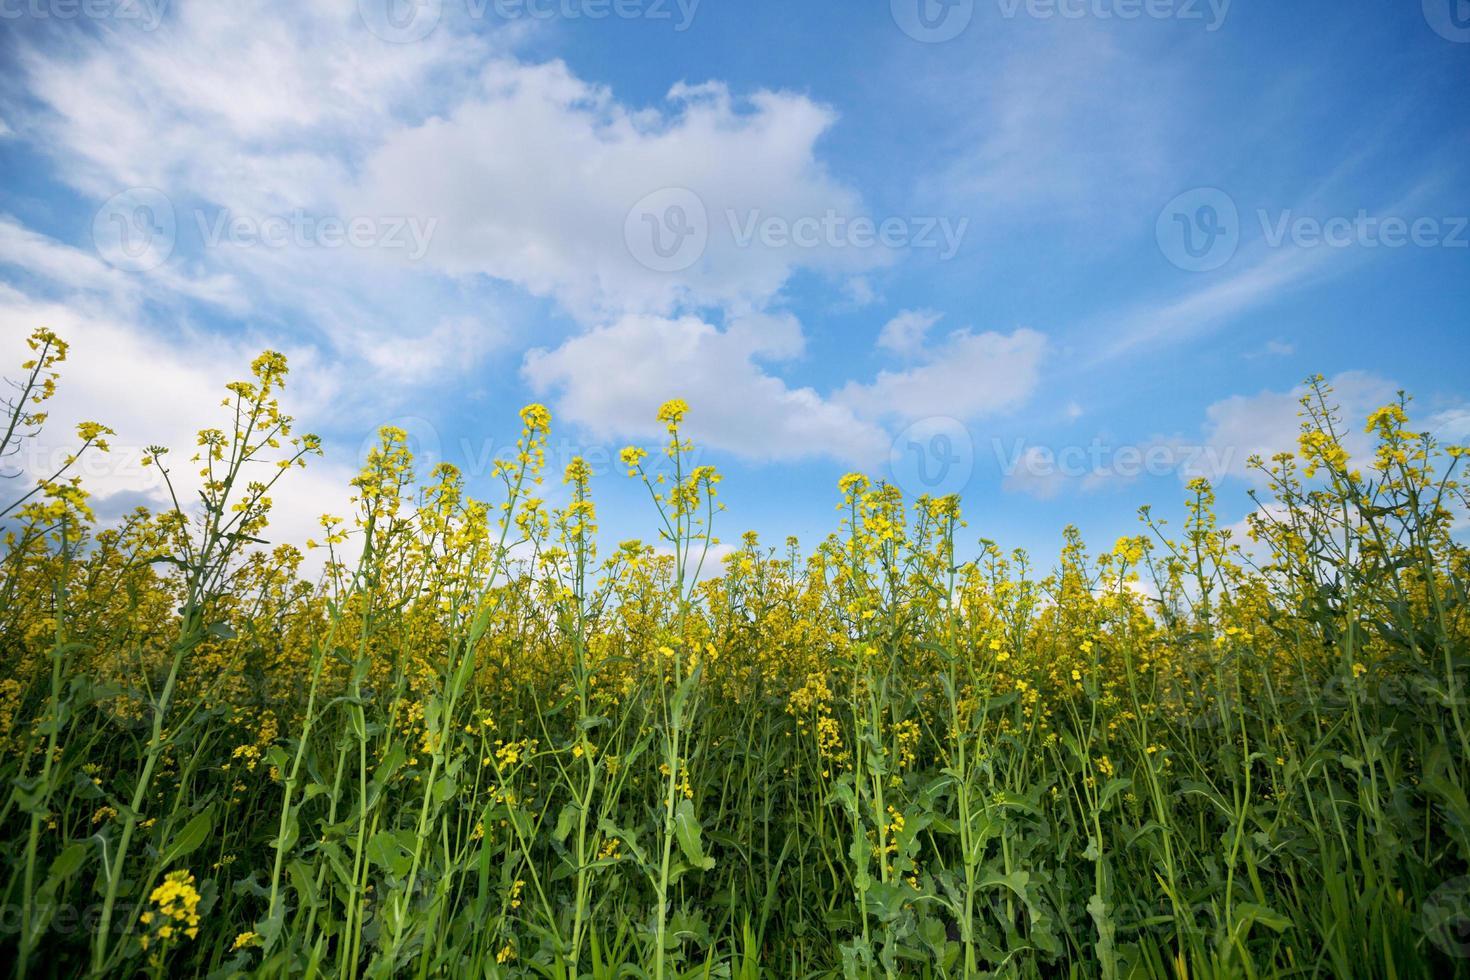 canolagebied en hemel met wolken foto